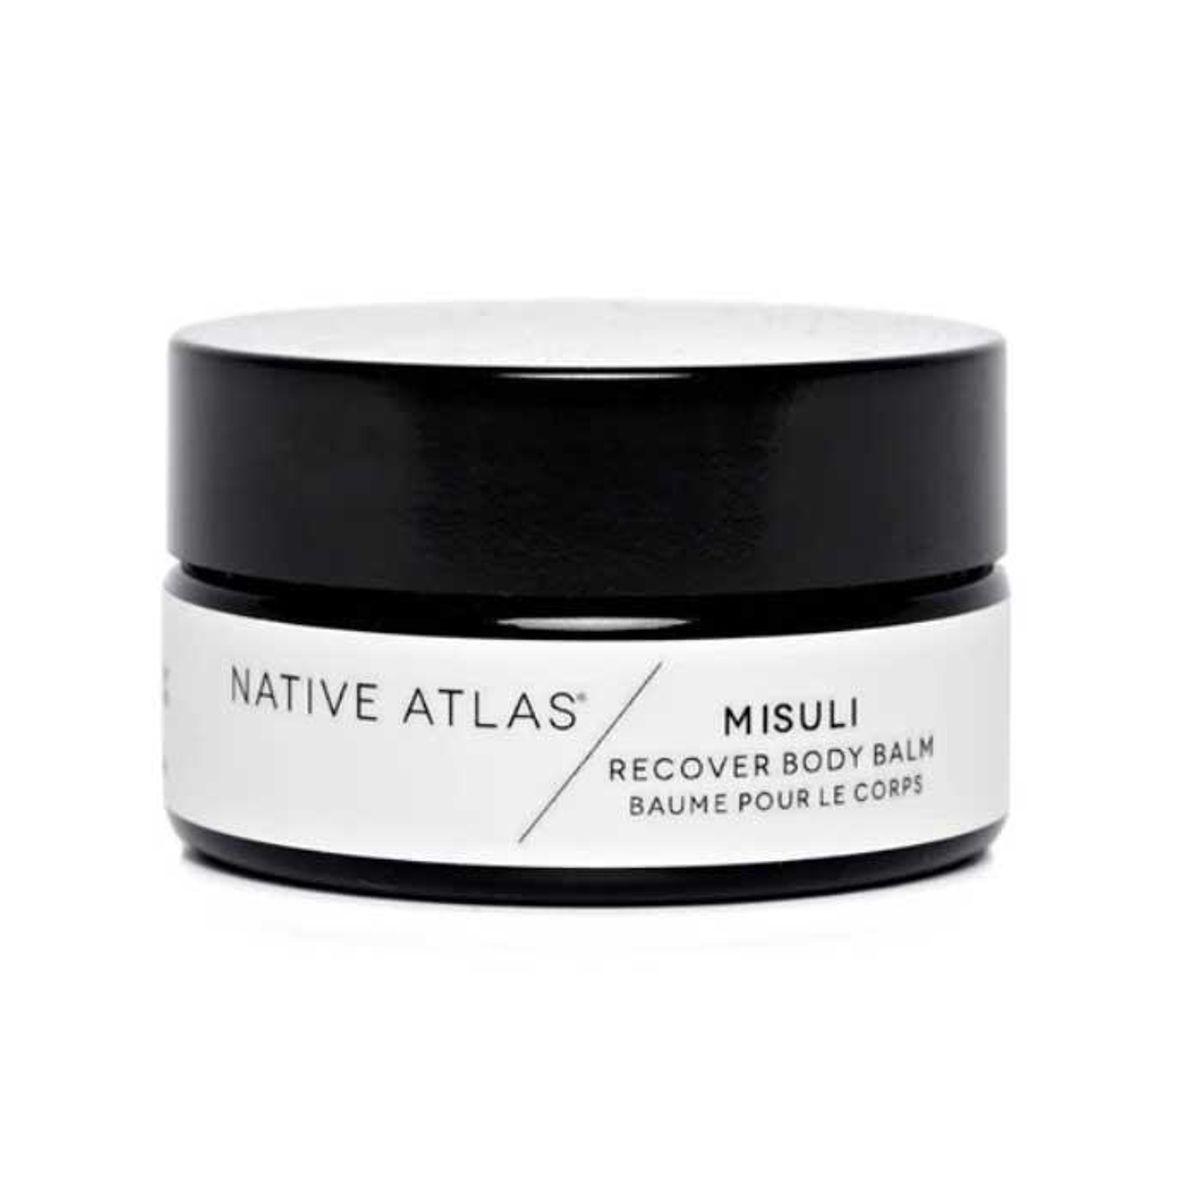 native atlas misuli recover body balm